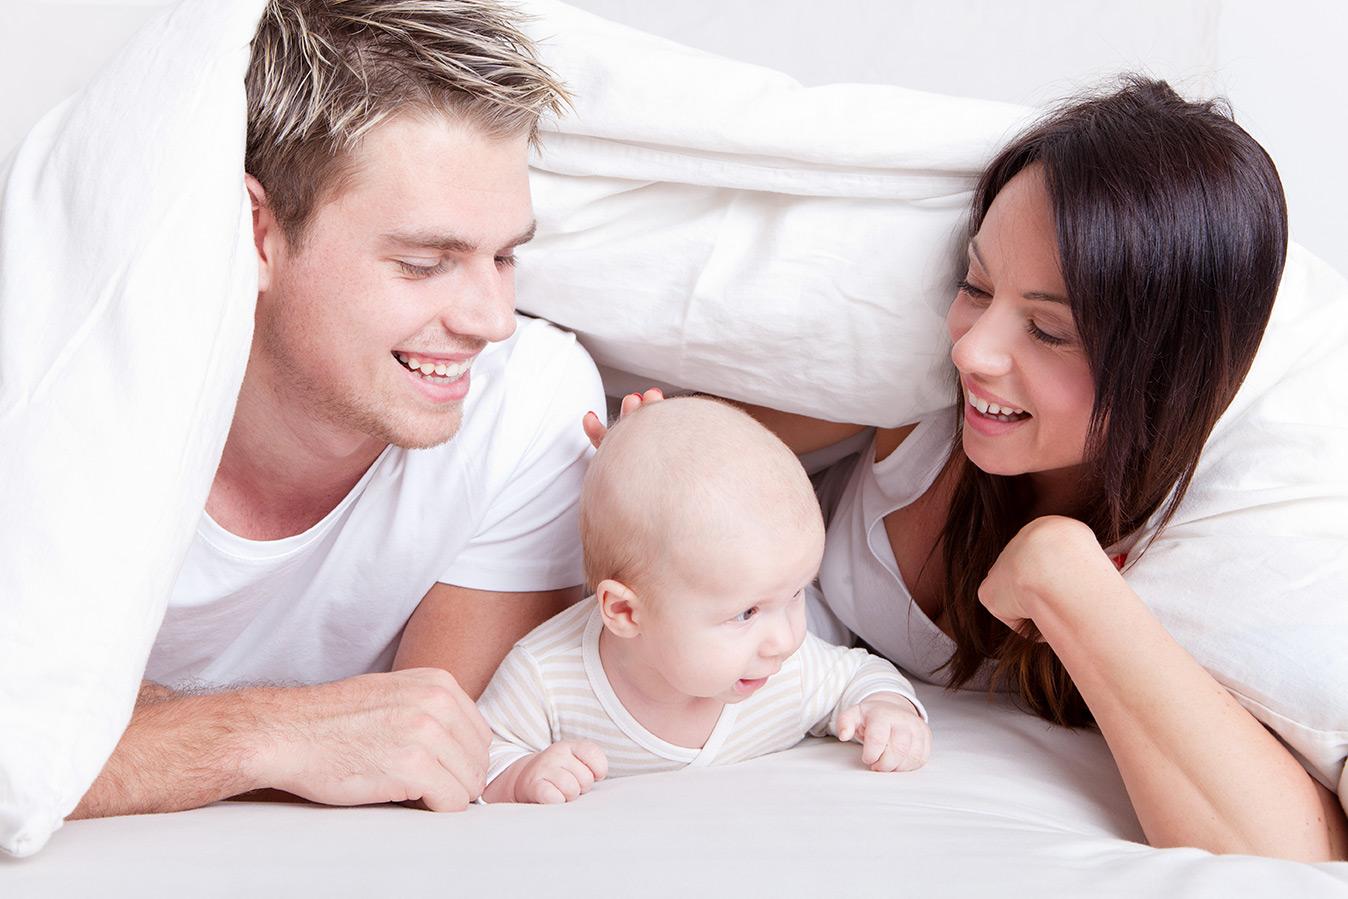 Клиника репродуктивного здоровья Лада проводит акцию для пар, которые мечта